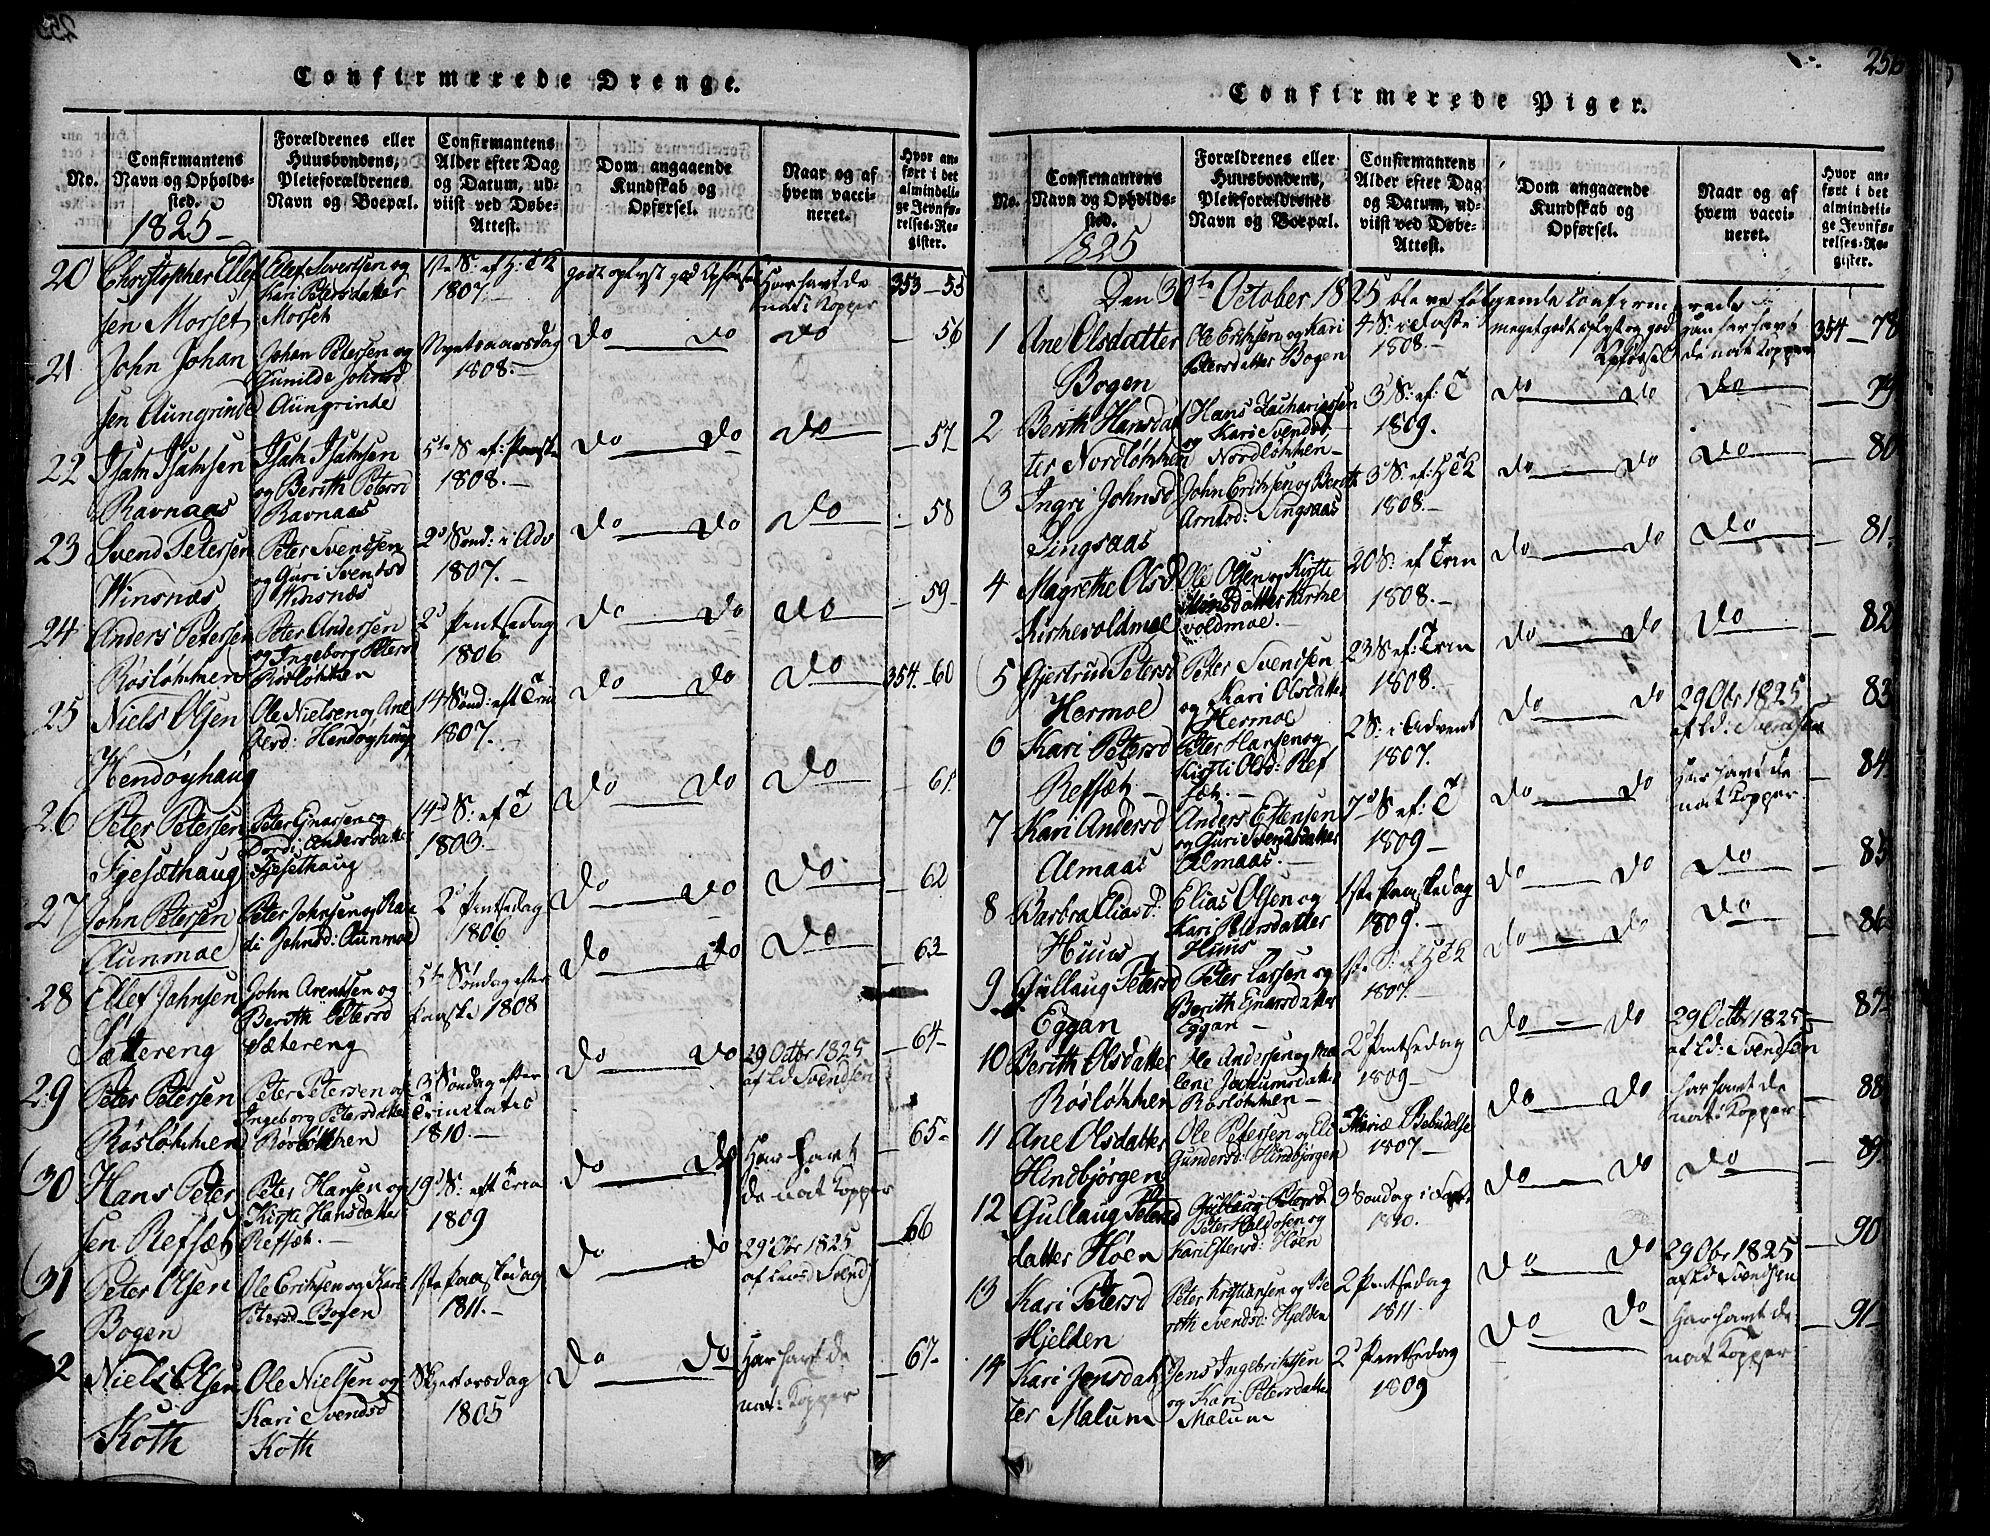 SAT, Ministerialprotokoller, klokkerbøker og fødselsregistre - Sør-Trøndelag, 685/L0955: Ministerialbok nr. 685A03 /2, 1817-1829, s. 256